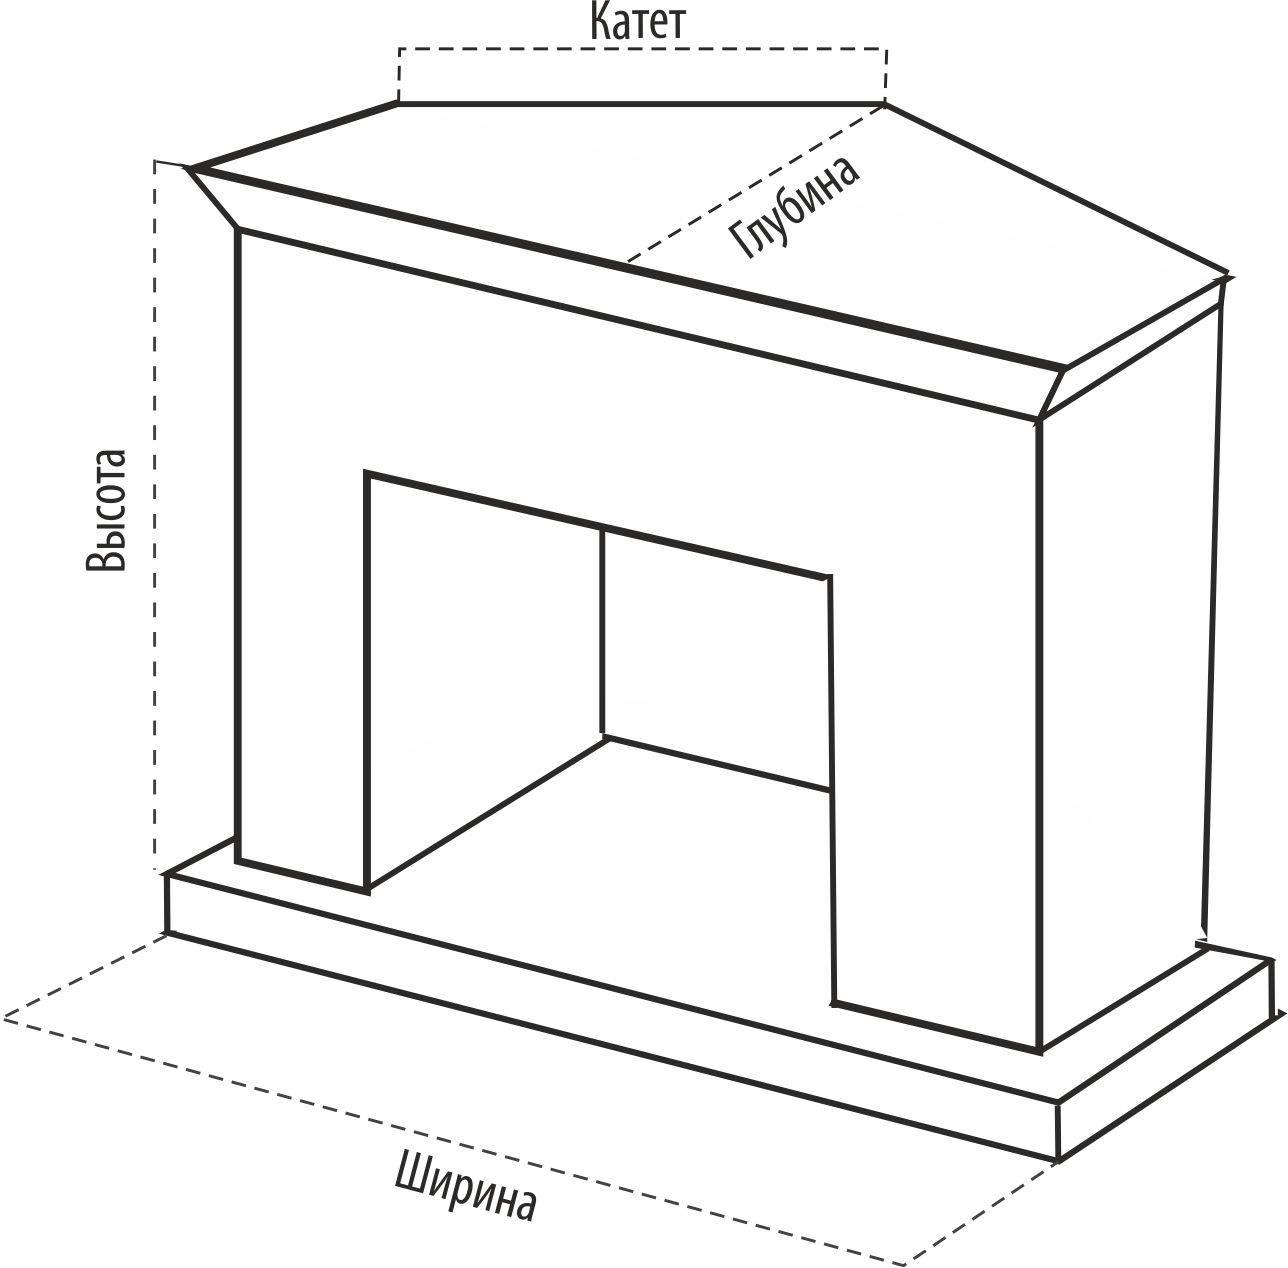 Как сделать декоративный камин из гипсокартона — пошаговая инструкция